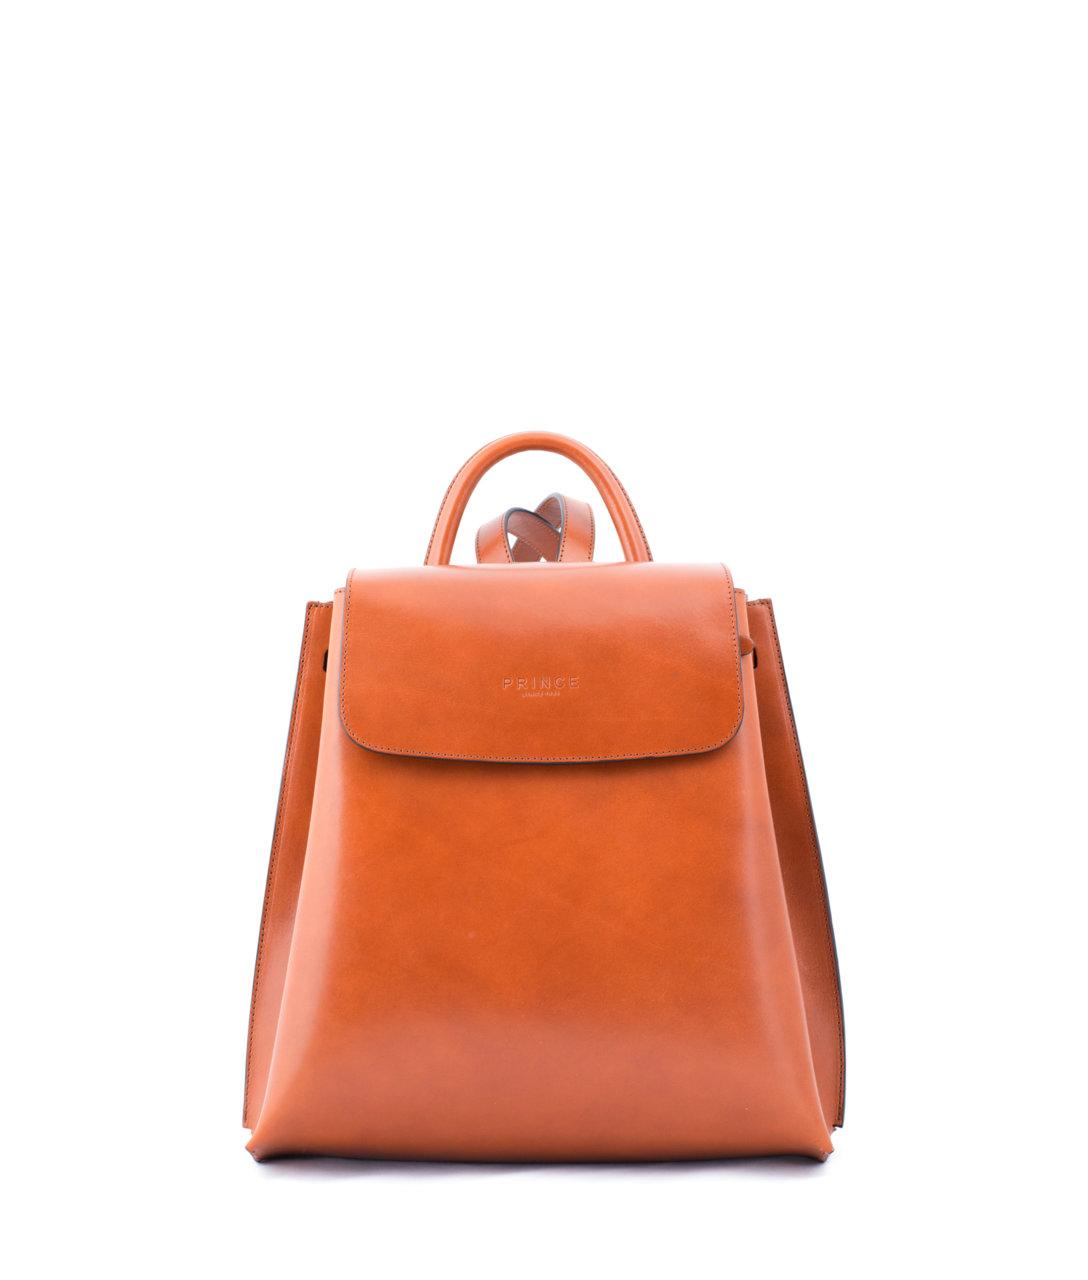 Handbag Croco leather-Copy